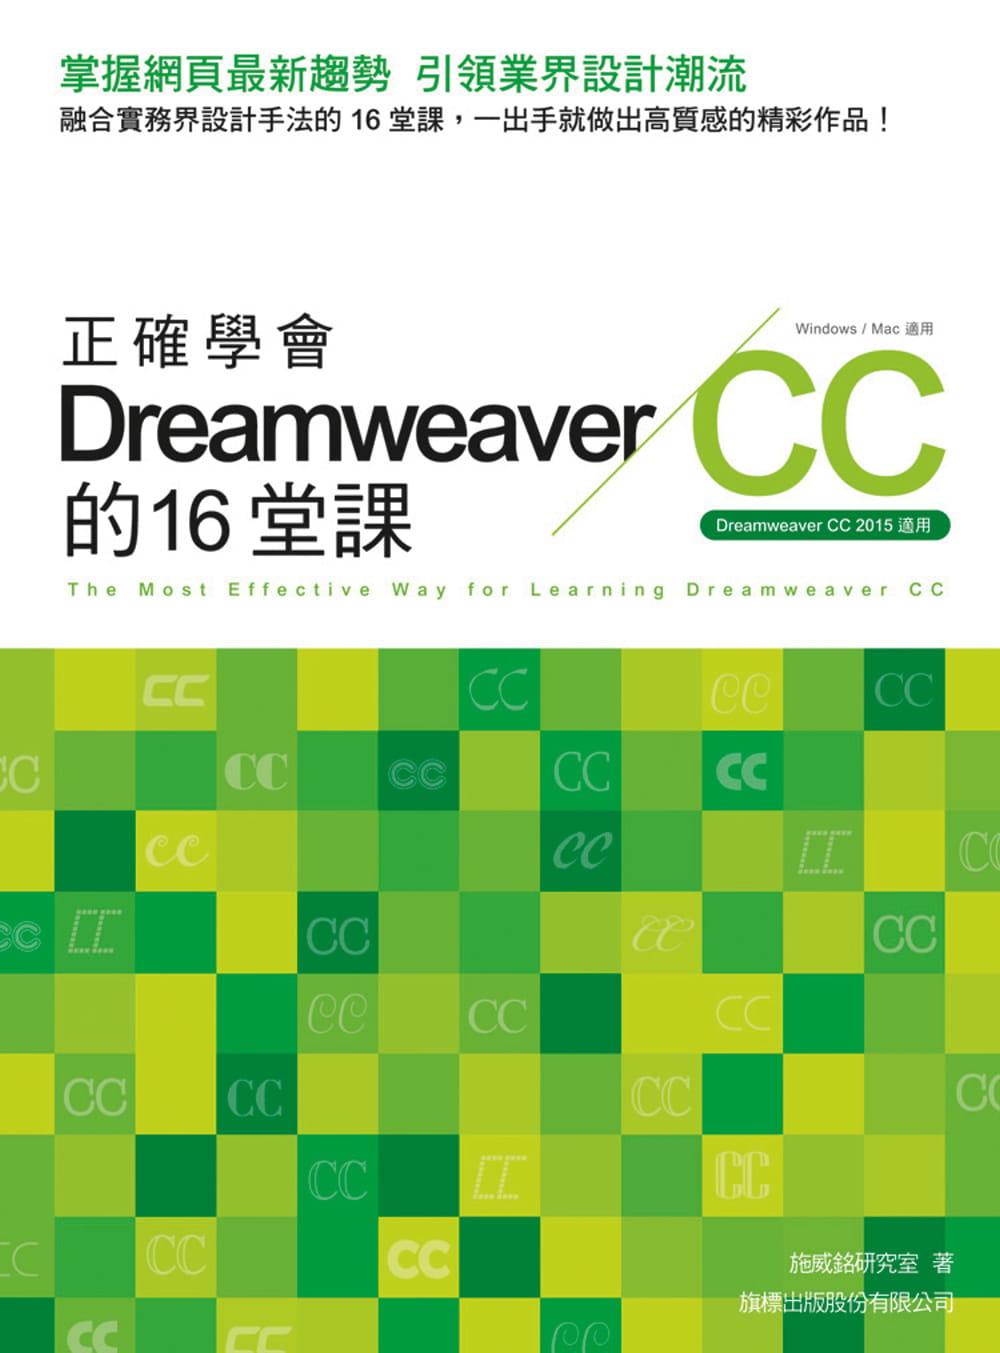 網站製作 Dreamweaver CC 推薦入門書籍